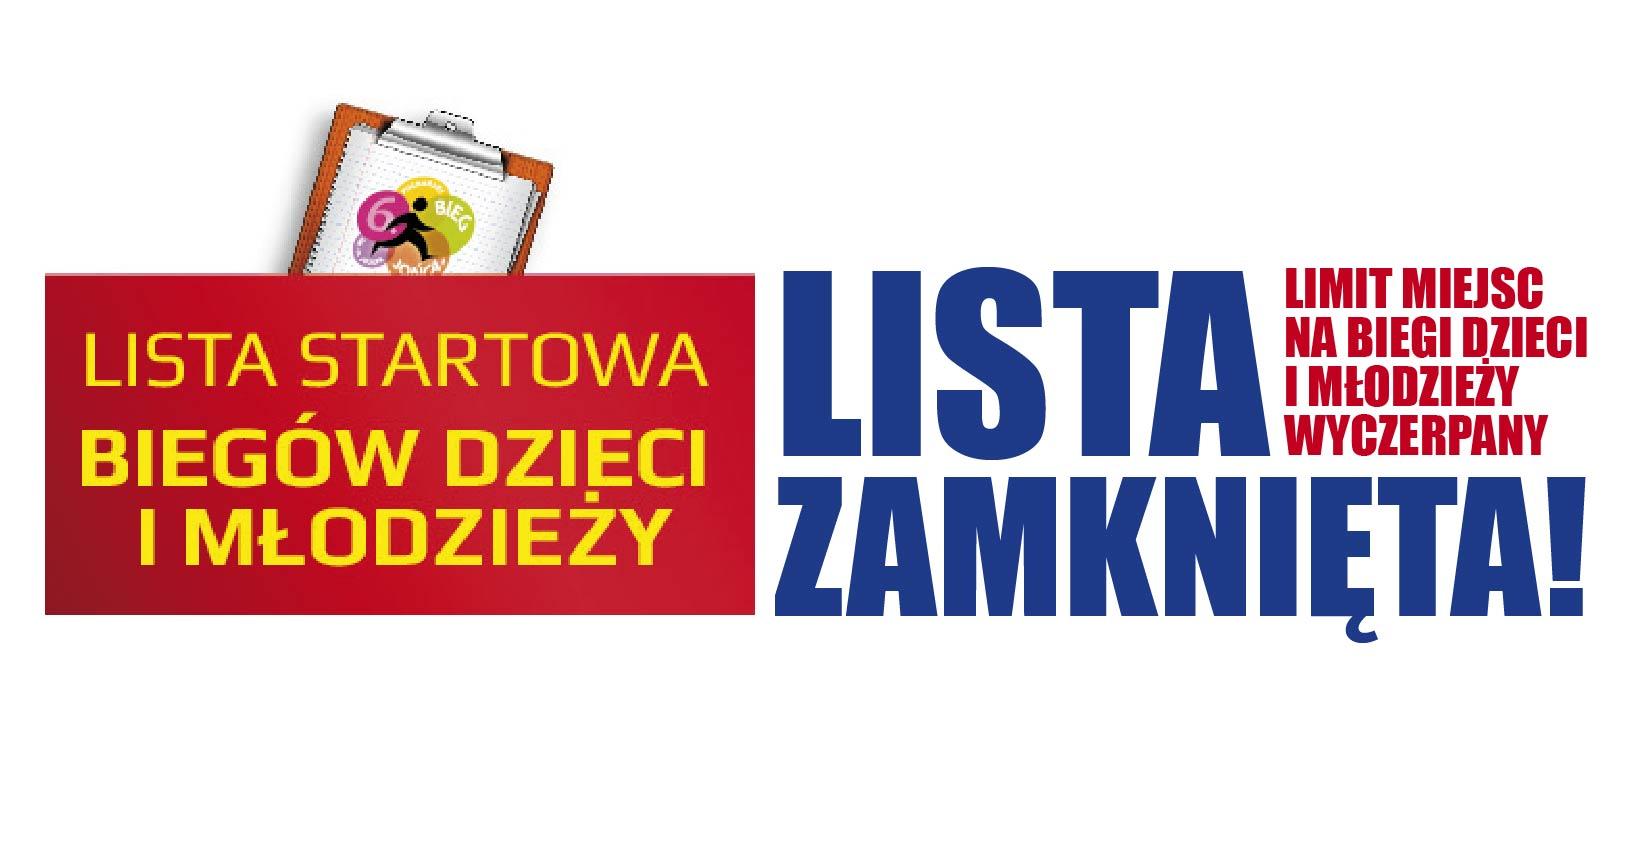 BIEGI_DZIECI_LIMIT